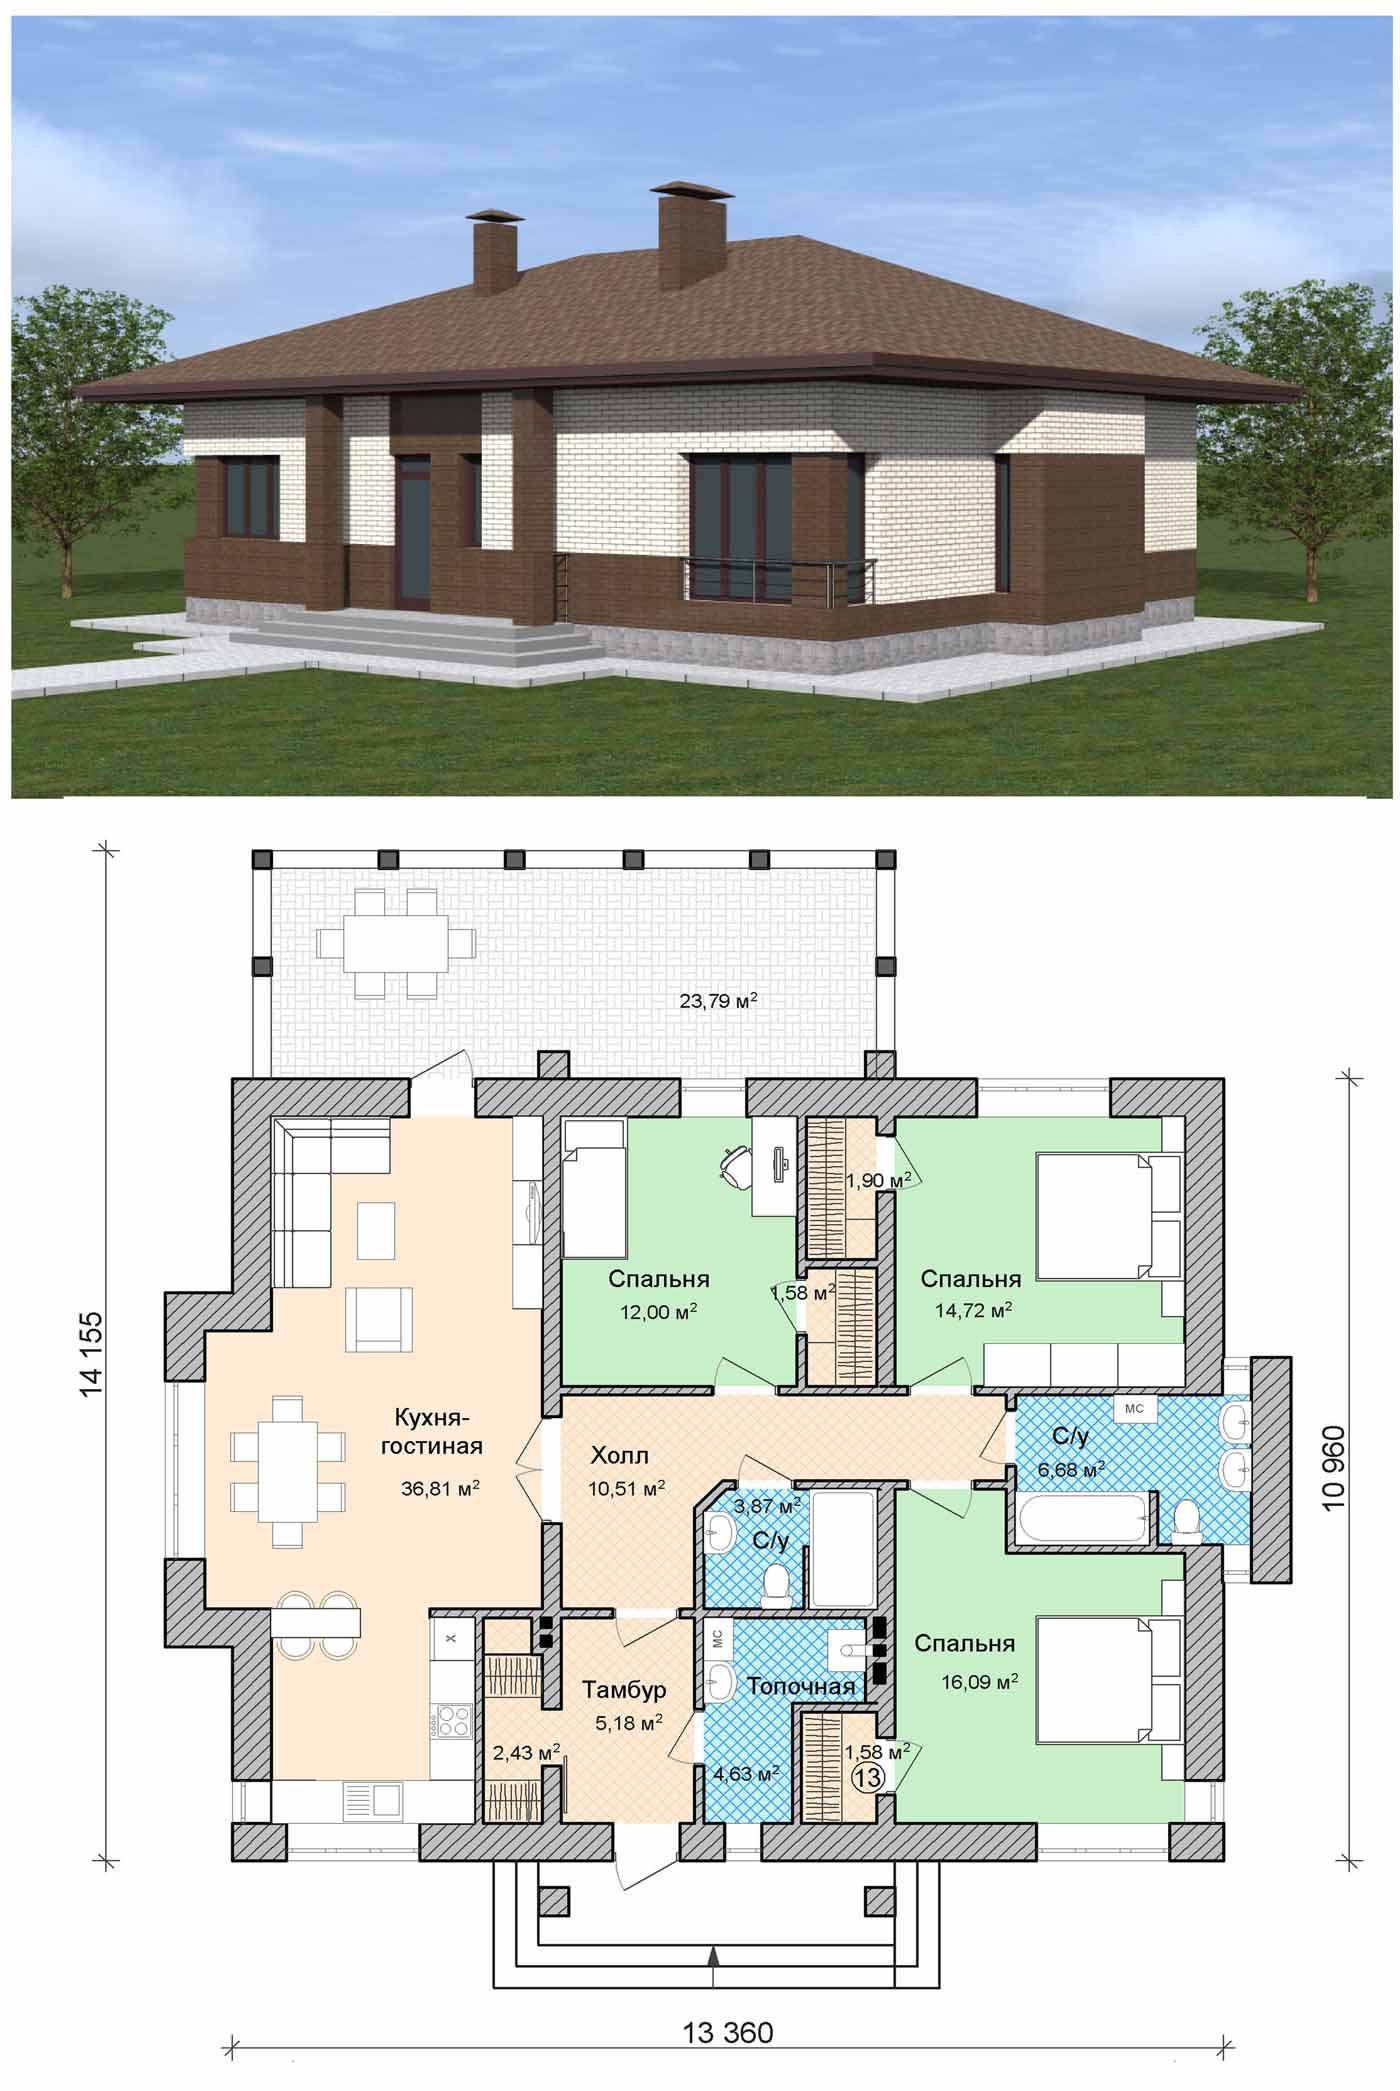 Внешне небольшой дом может быть очень вместительным и функциональным